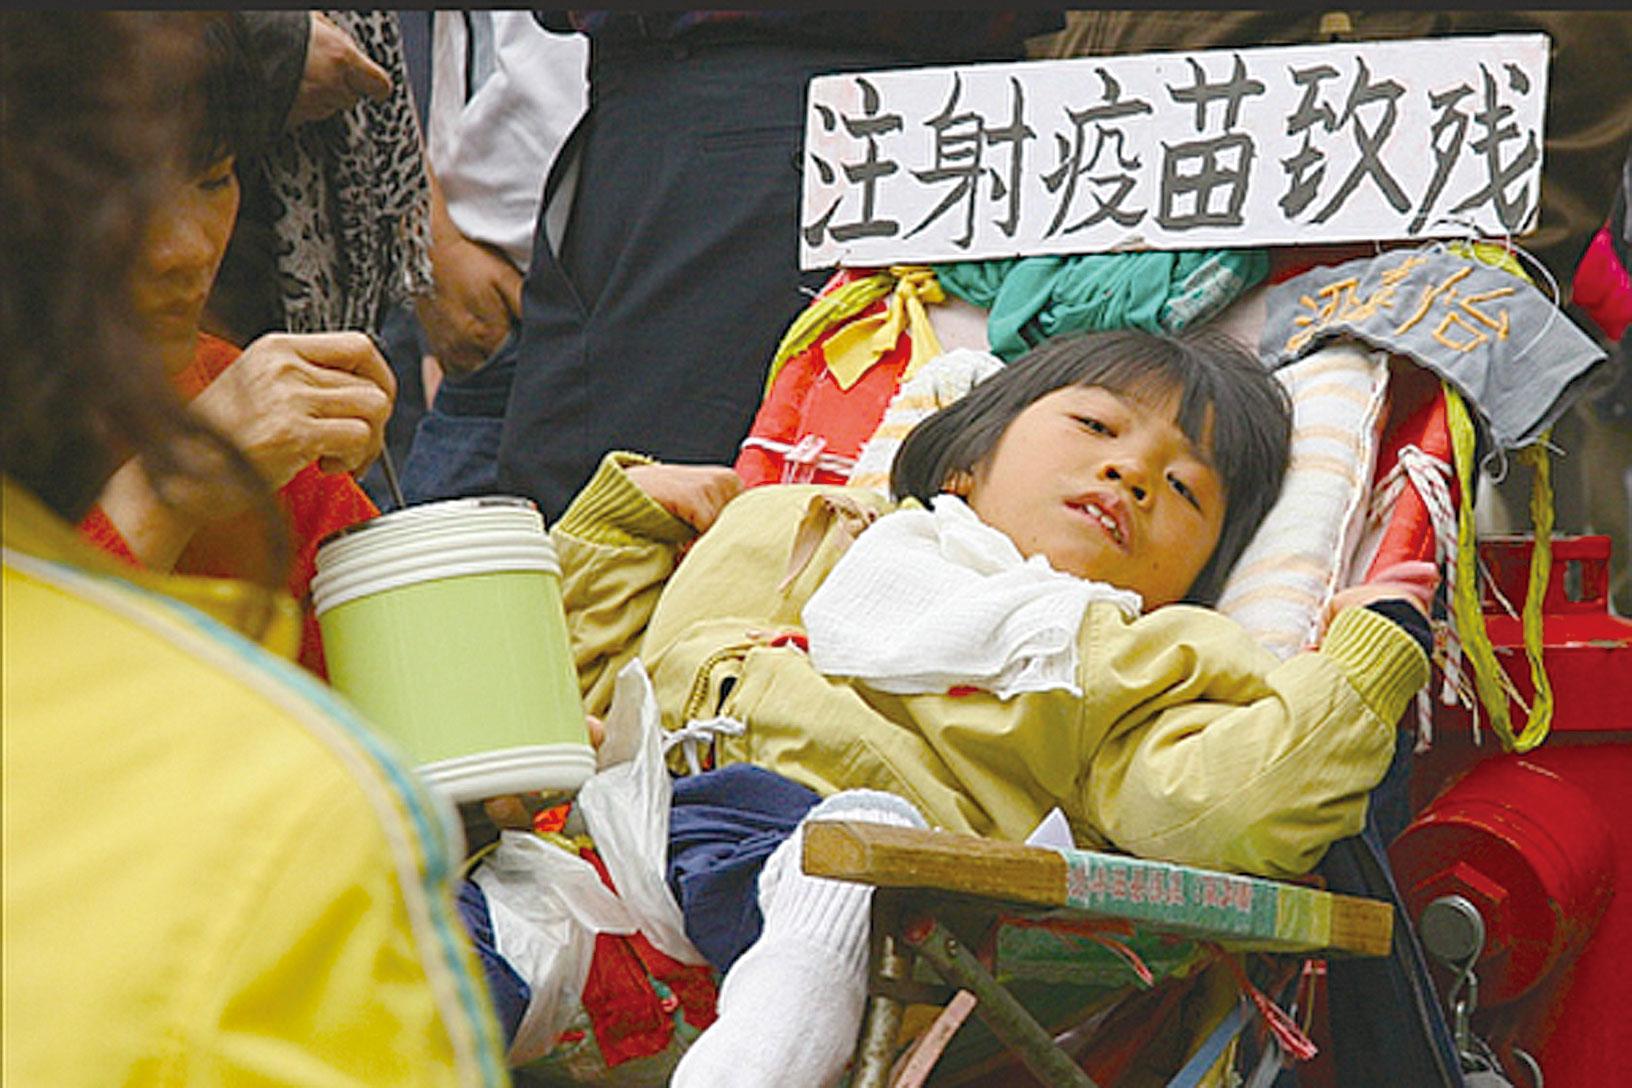 微博上的一項民意調查詢問人們將來是否會使用中國製造的疫苗:超過700名受訪者中有90%選擇了答案:「我不敢再使用它們了。」圖為2010年廣東發生學生注射乙肝疫苗集體住院事件,女童因注射疫苗致殘。(大紀元資料圖片)